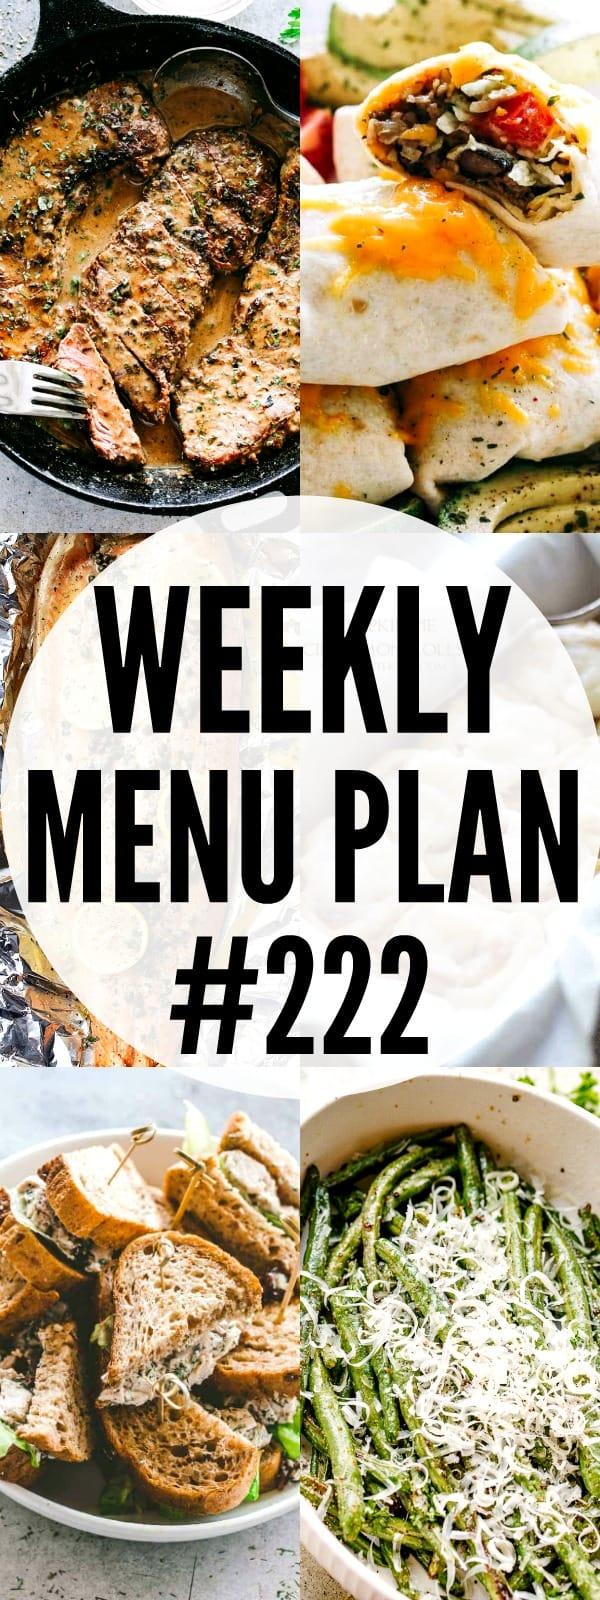 WEEKLY MENU PLAN 222 PIN IMAGE